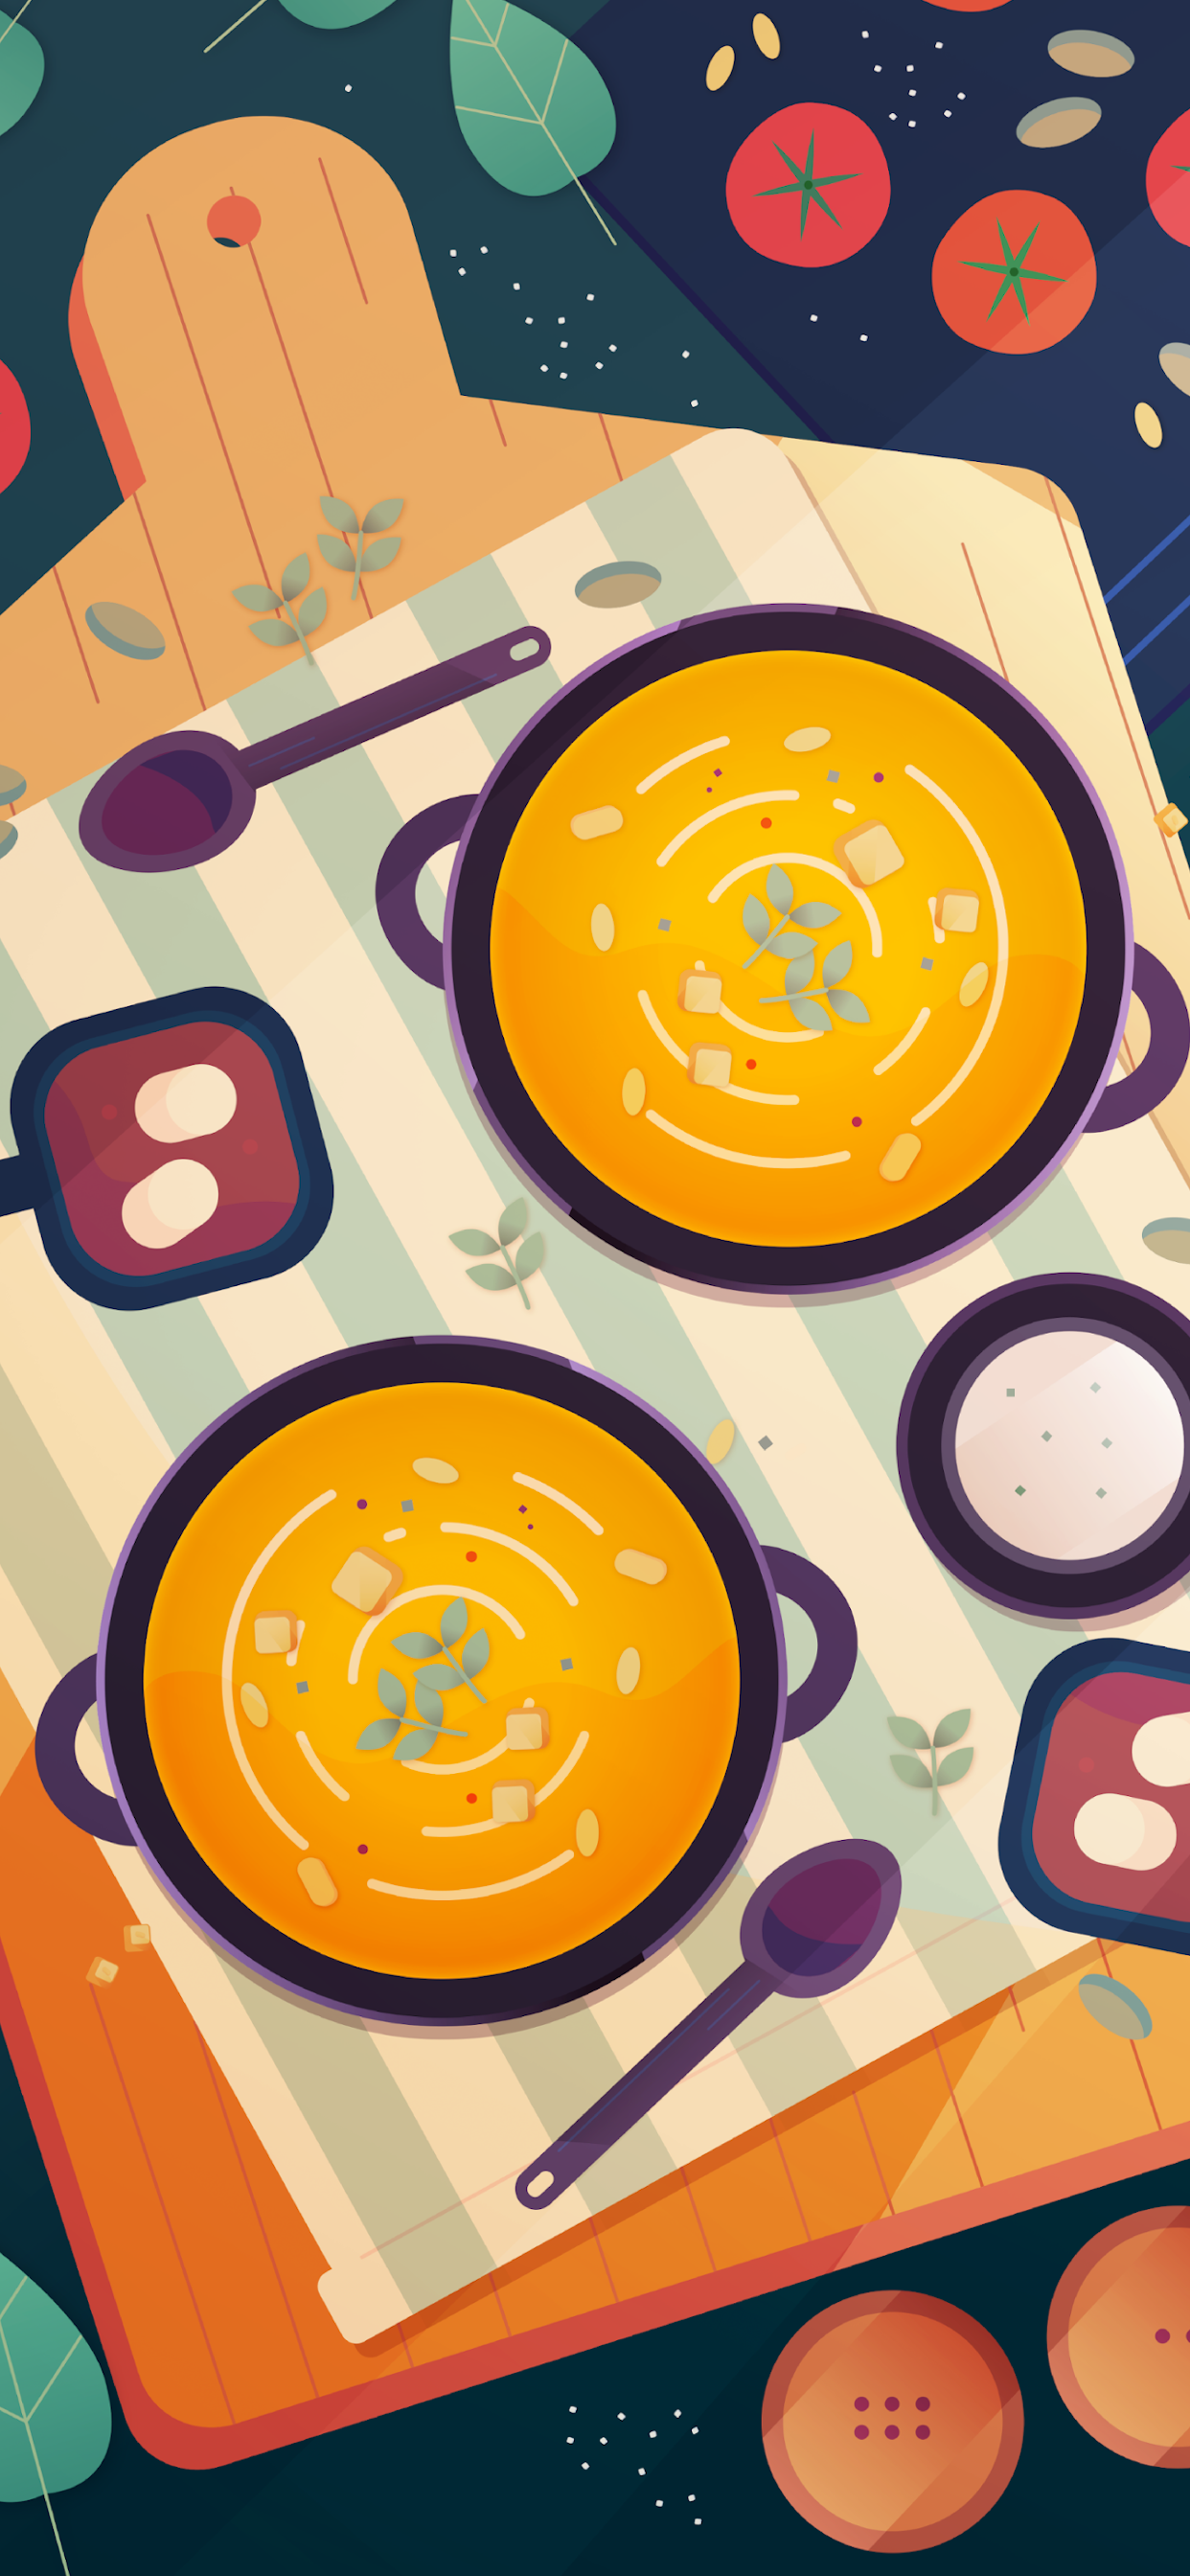 iPhone wallpapers illustration soup bread Fonds d'écran iPhone du 21/10/2019